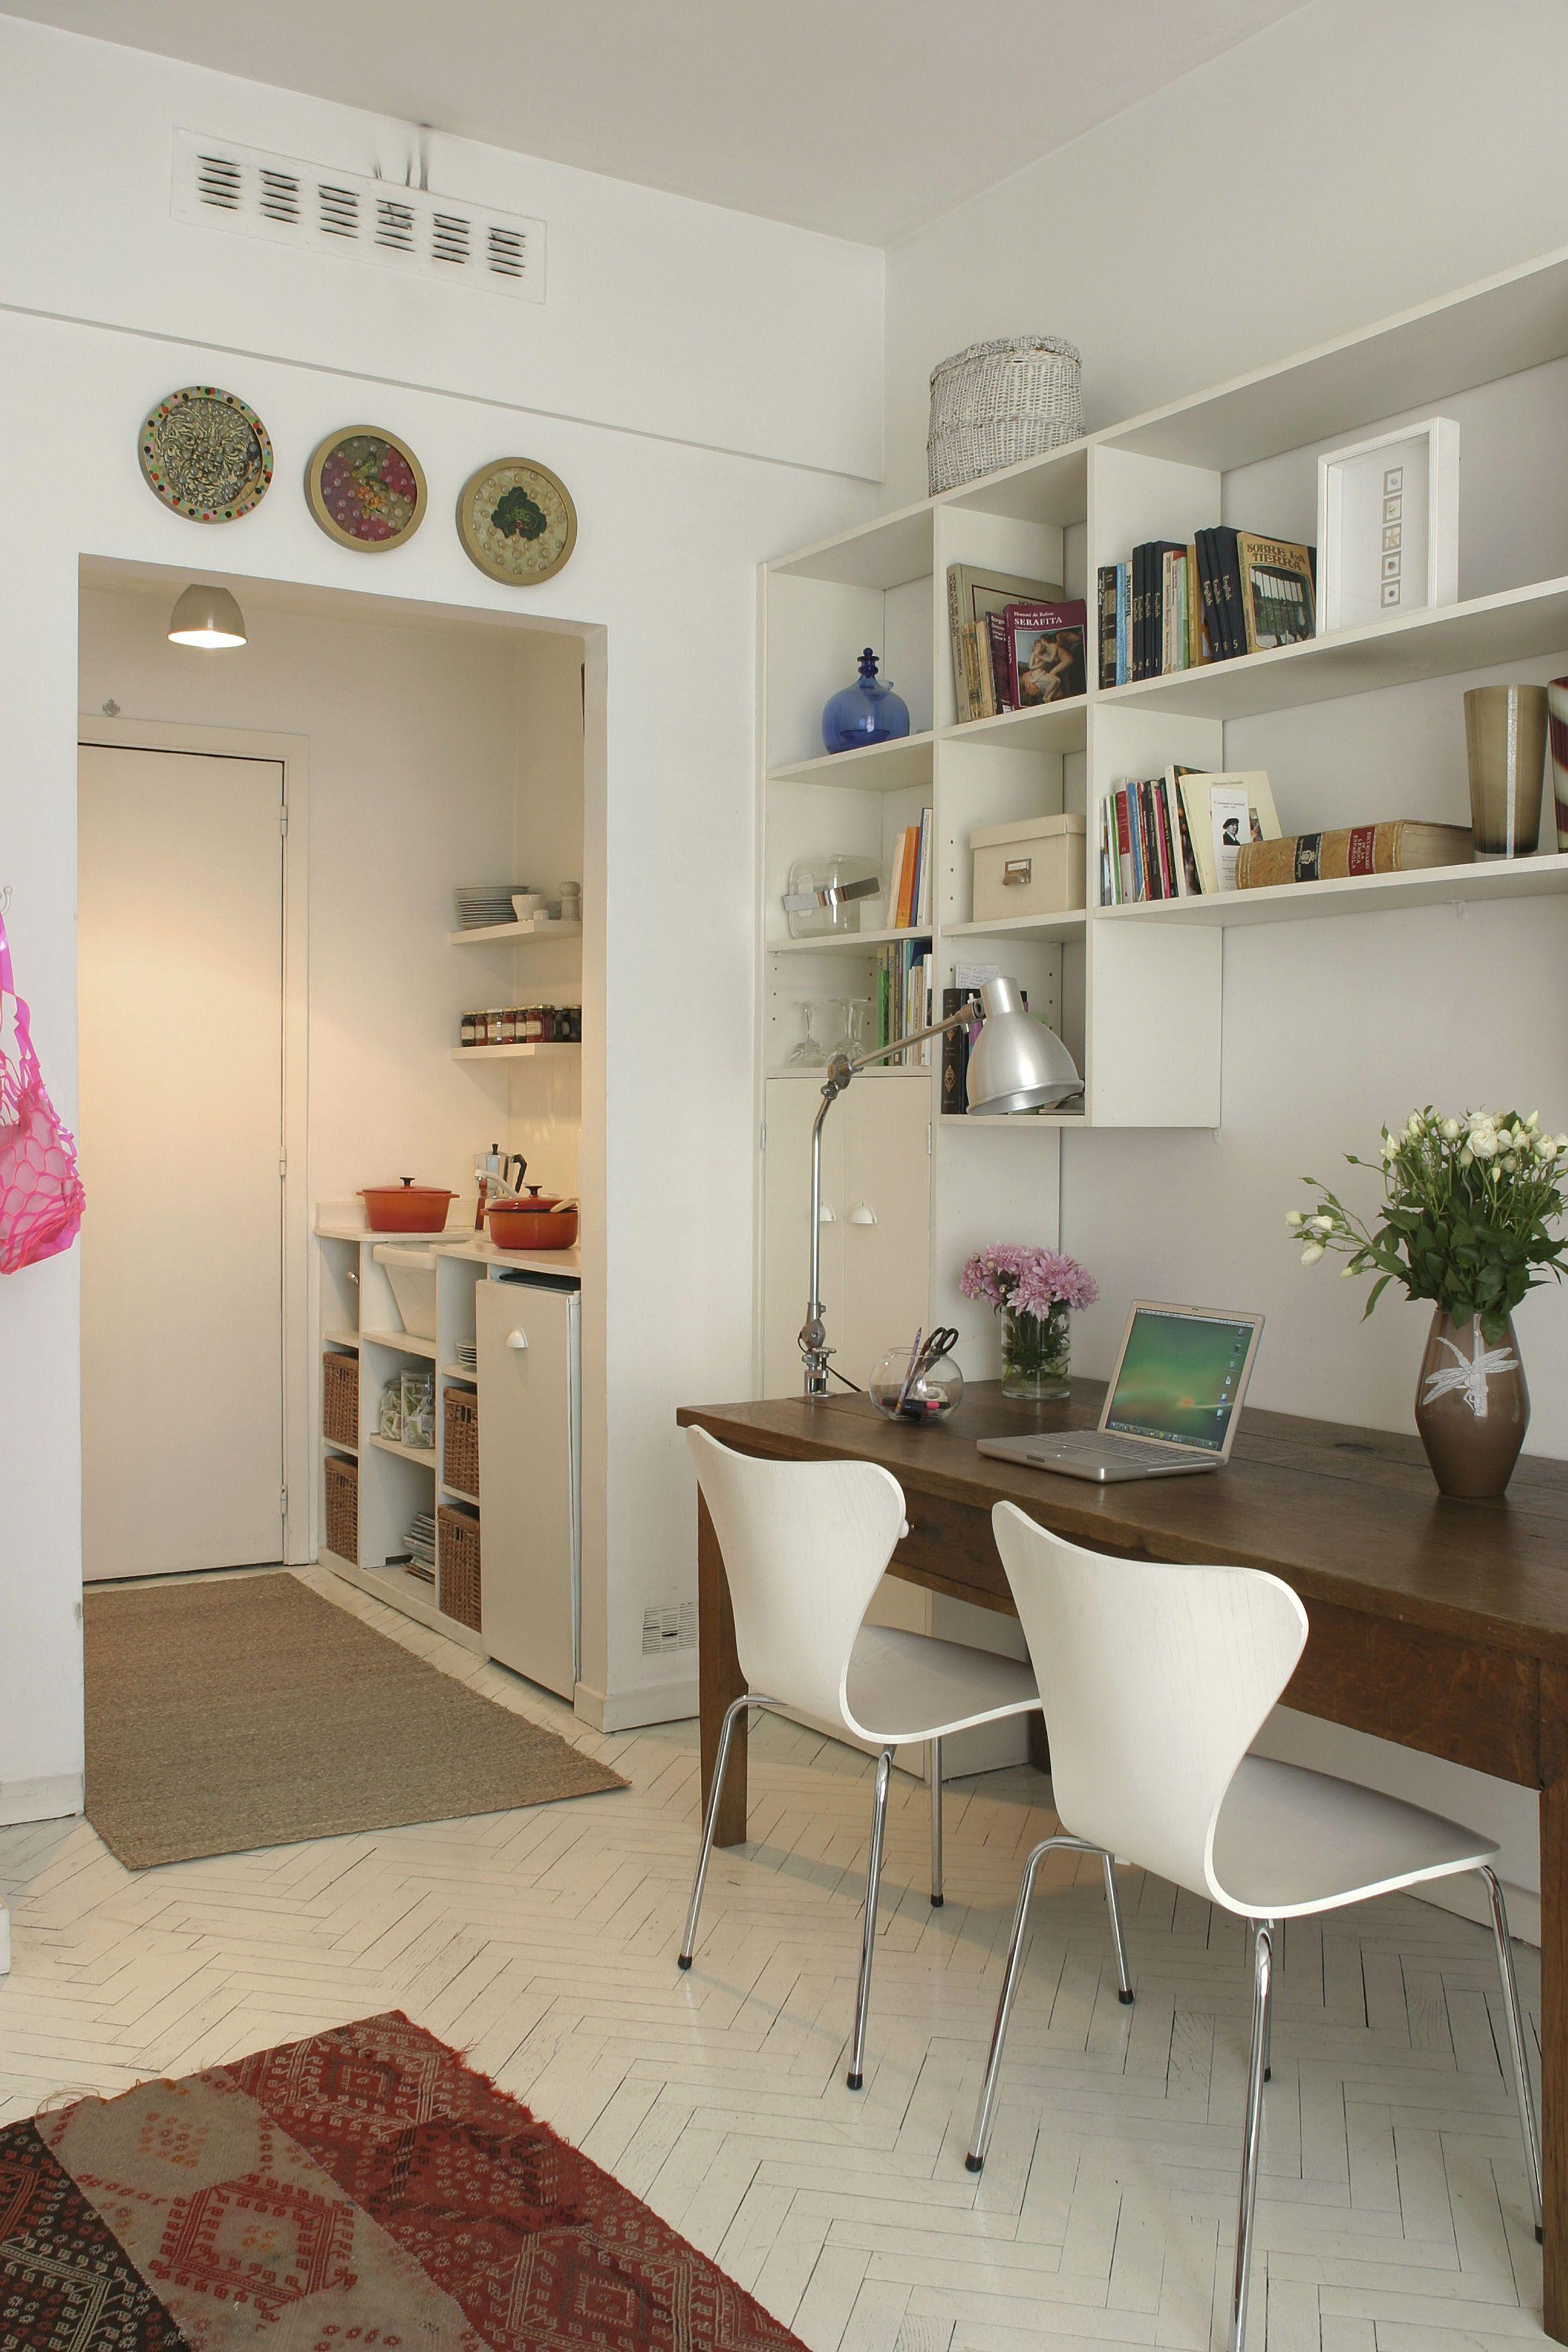 Kleines Wohnzimmer Mit Arbeitsplatz Wohnung Einrichten Zimmer